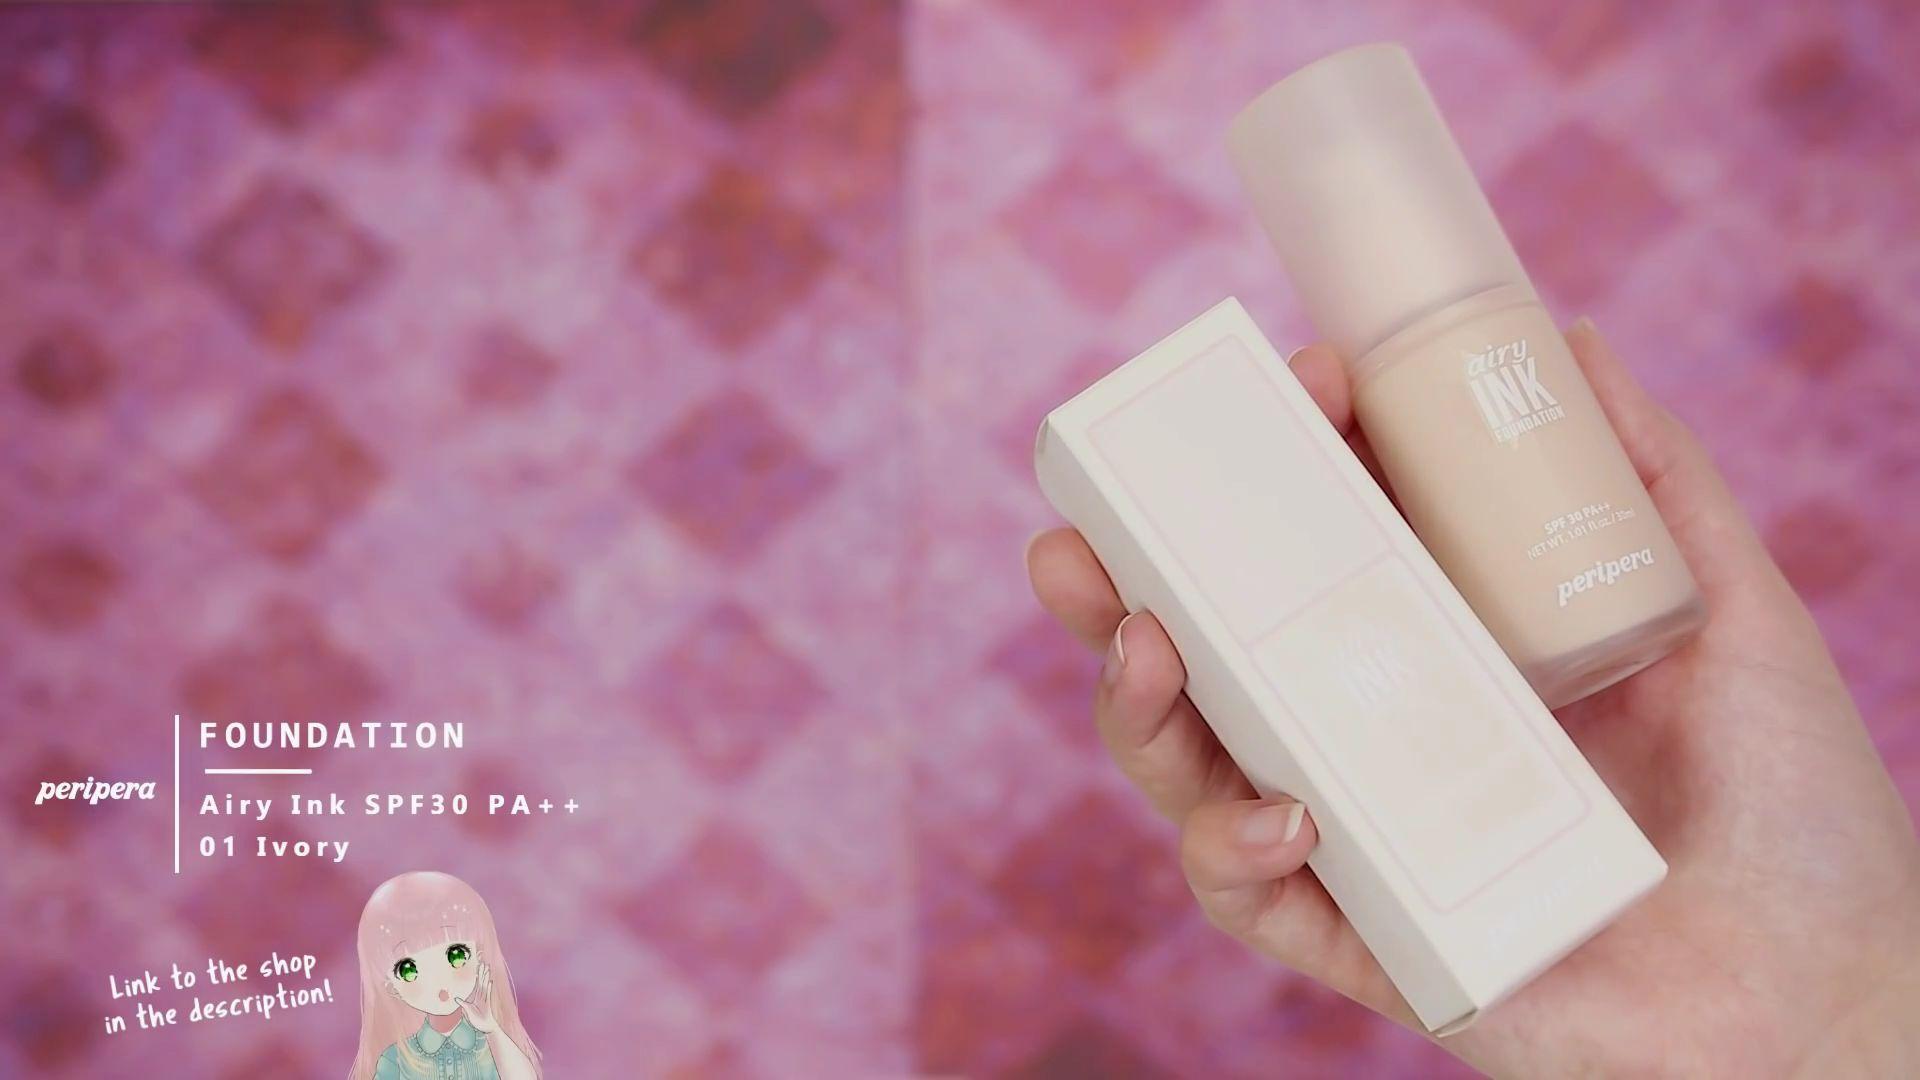 Misa Amane Cosplay DIY en 9 pasos: Base Airy Ink de color 01 Ivory de la marca Peripera